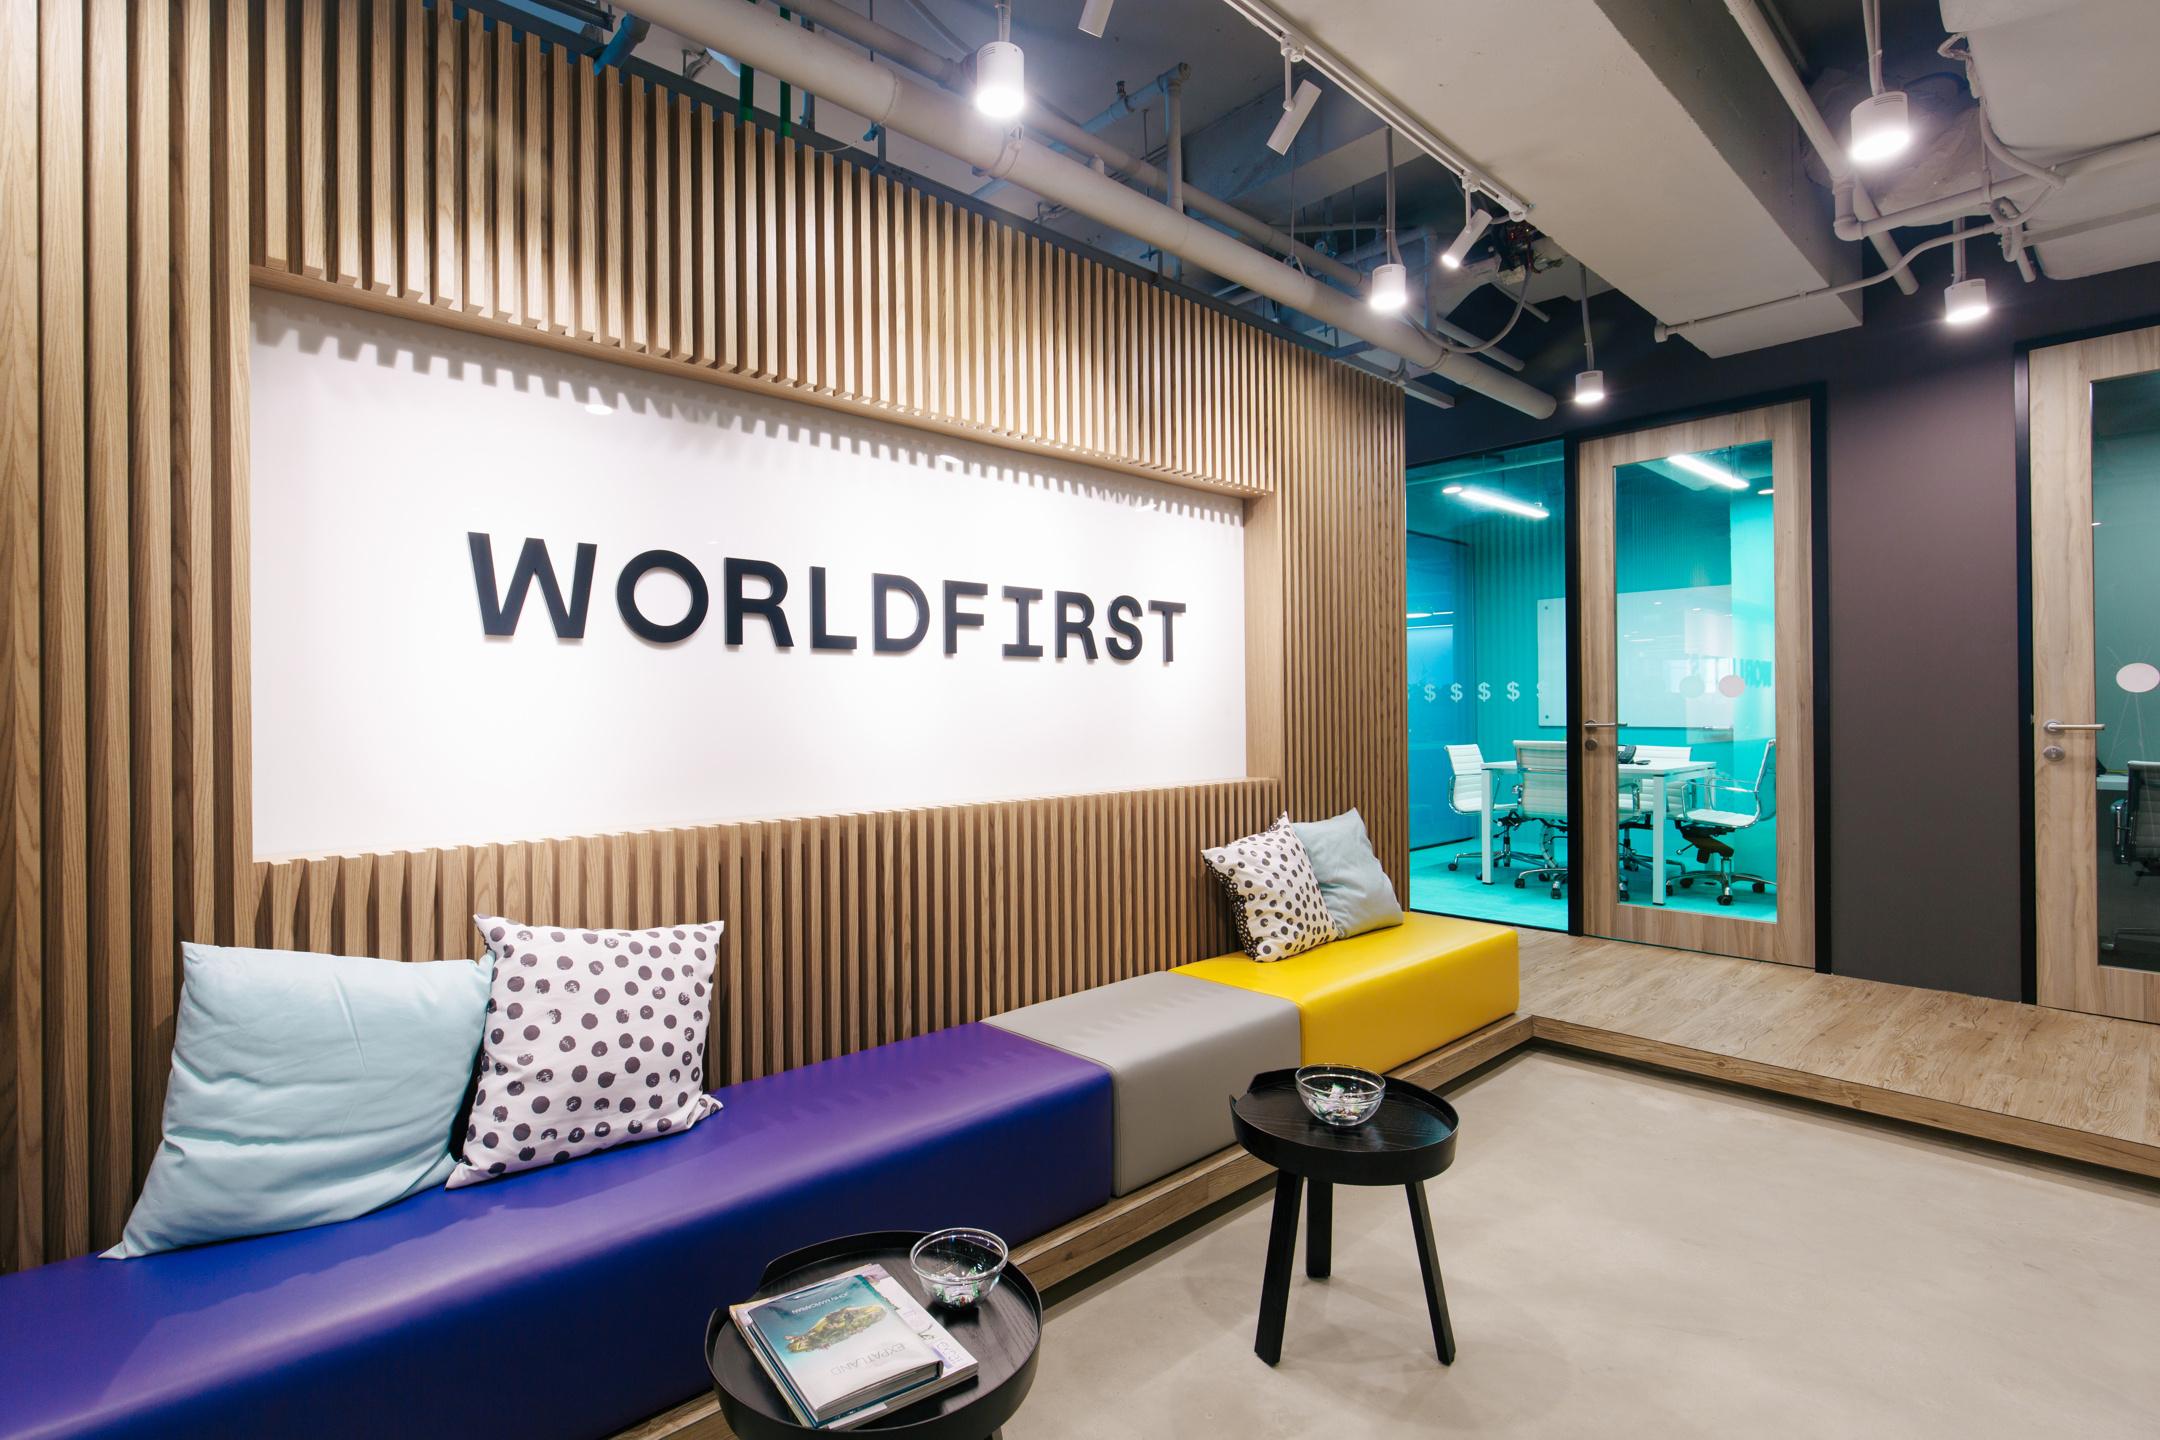 Worldfirst 44.jpg